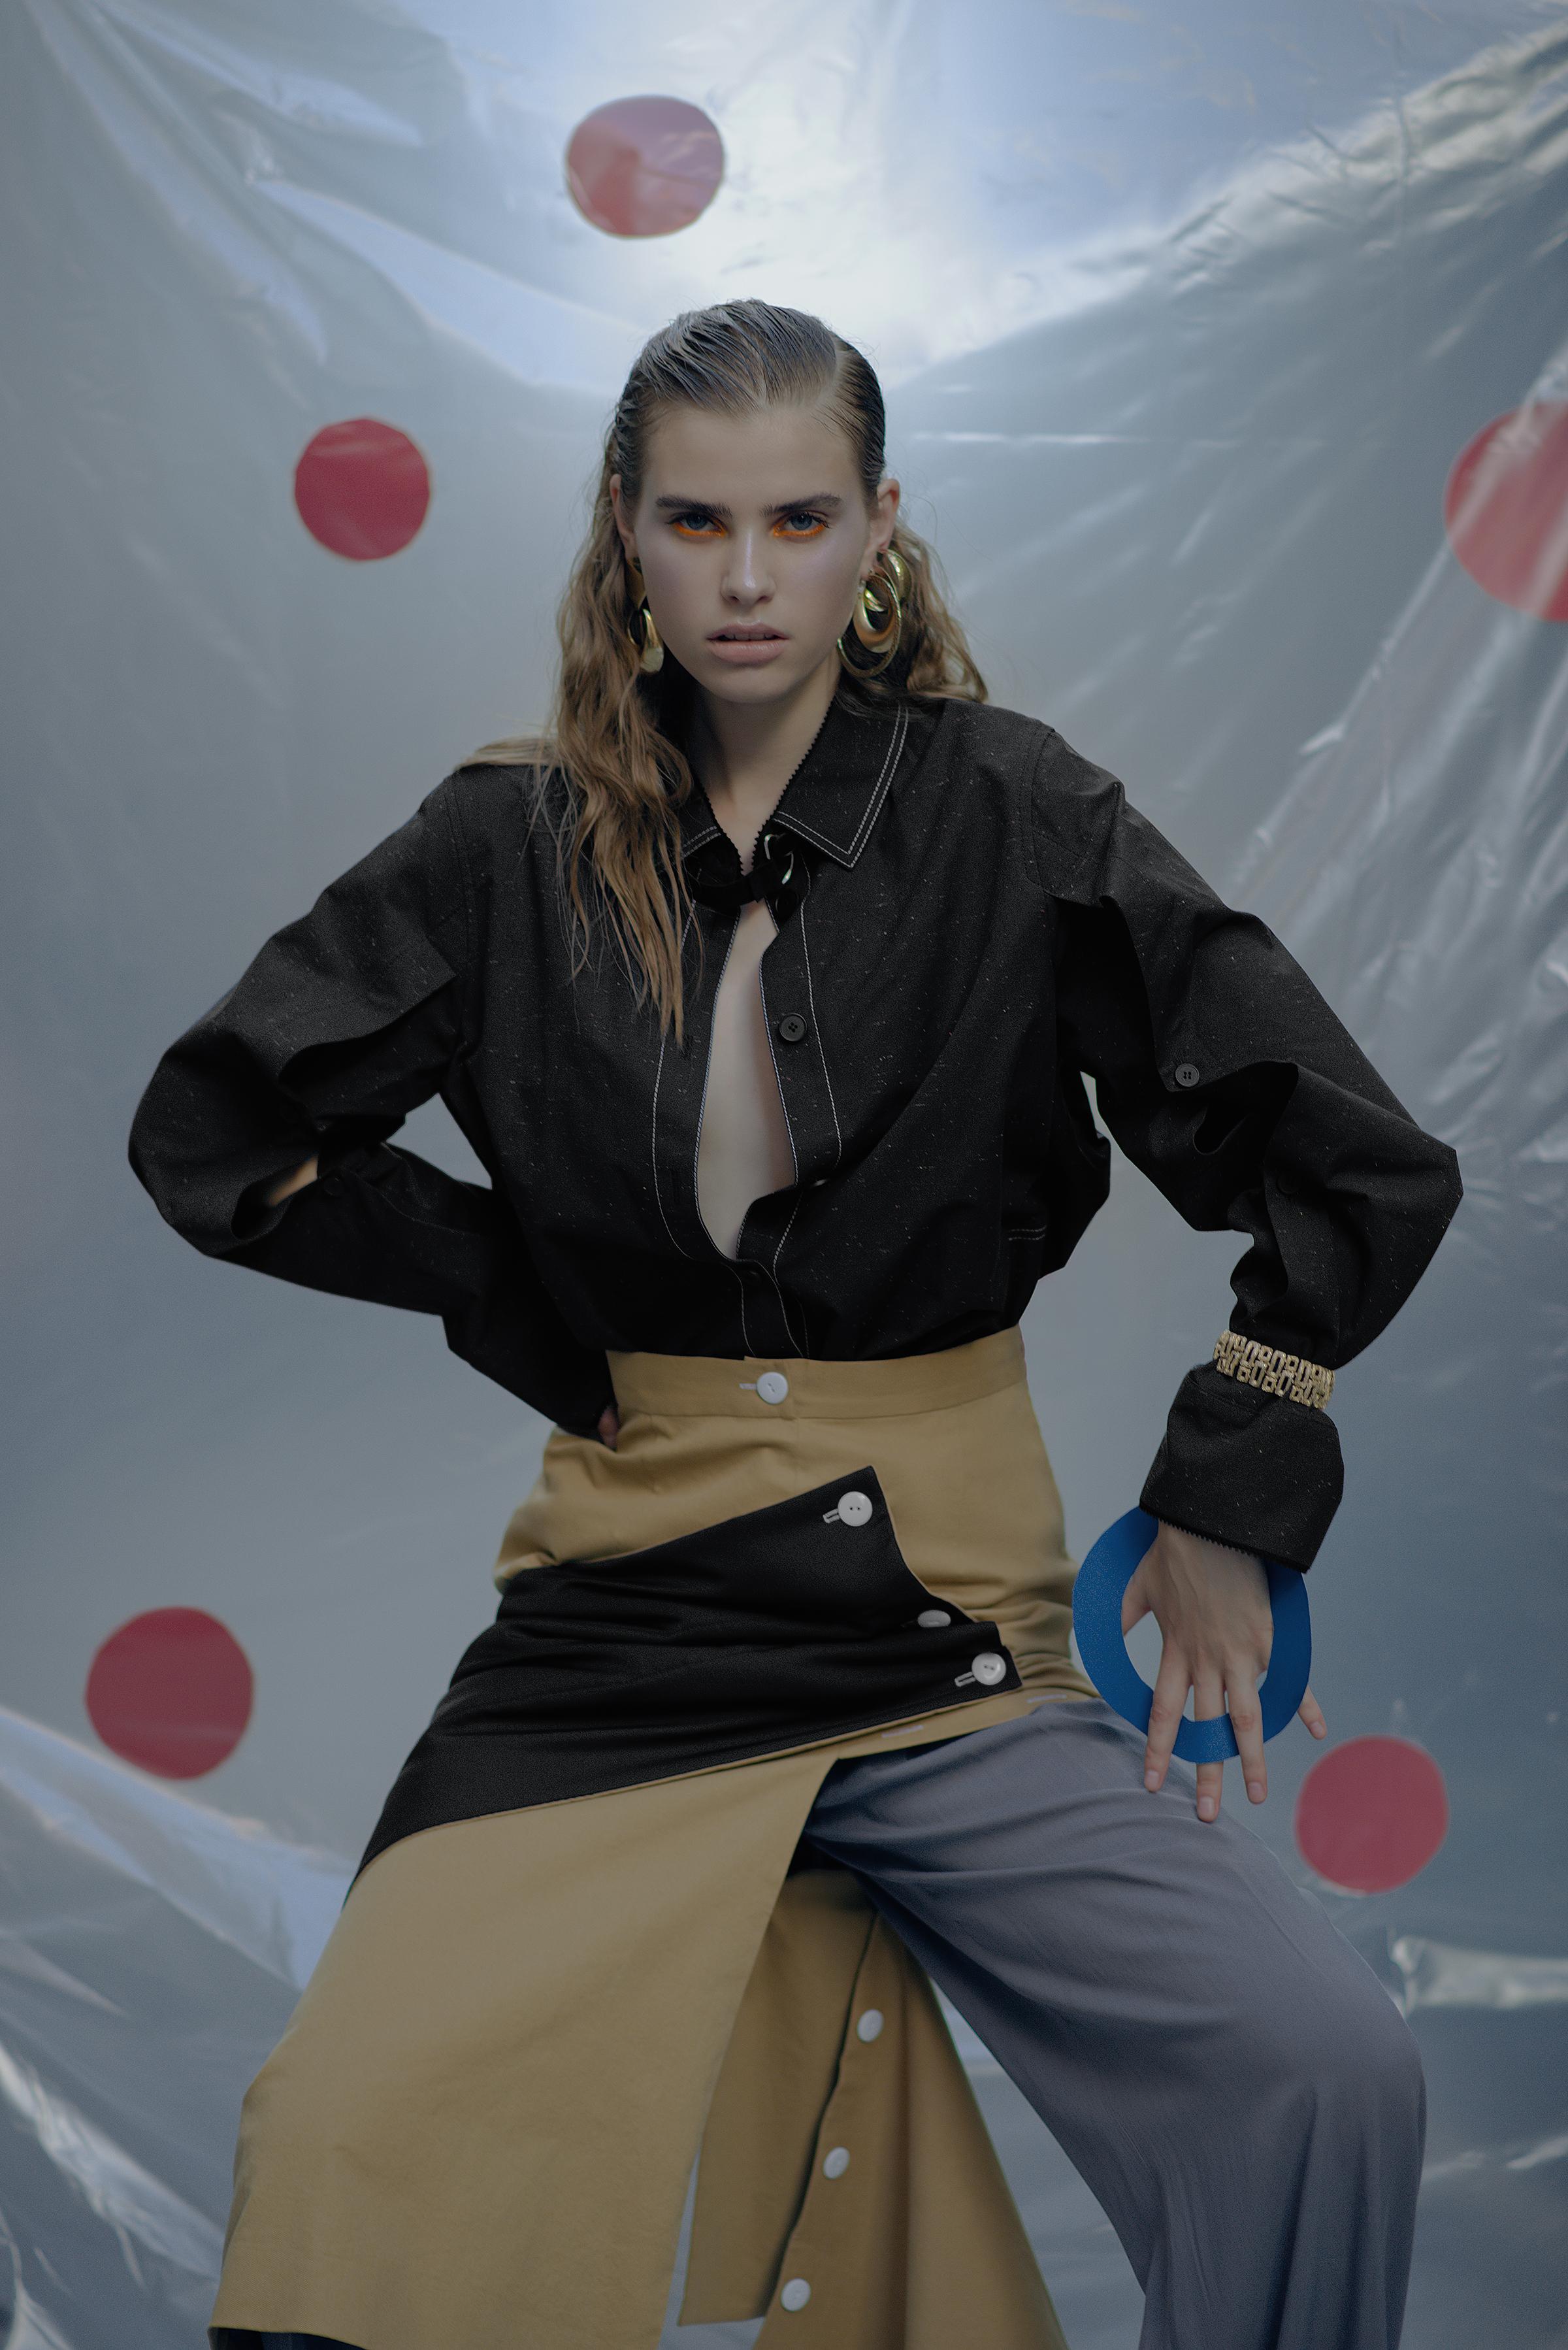 Parka PRZHONSKAYA Skirt CHAKSHYN  Pants WHATEVER  Bracelet Stylist's own Earrings Stylist's own